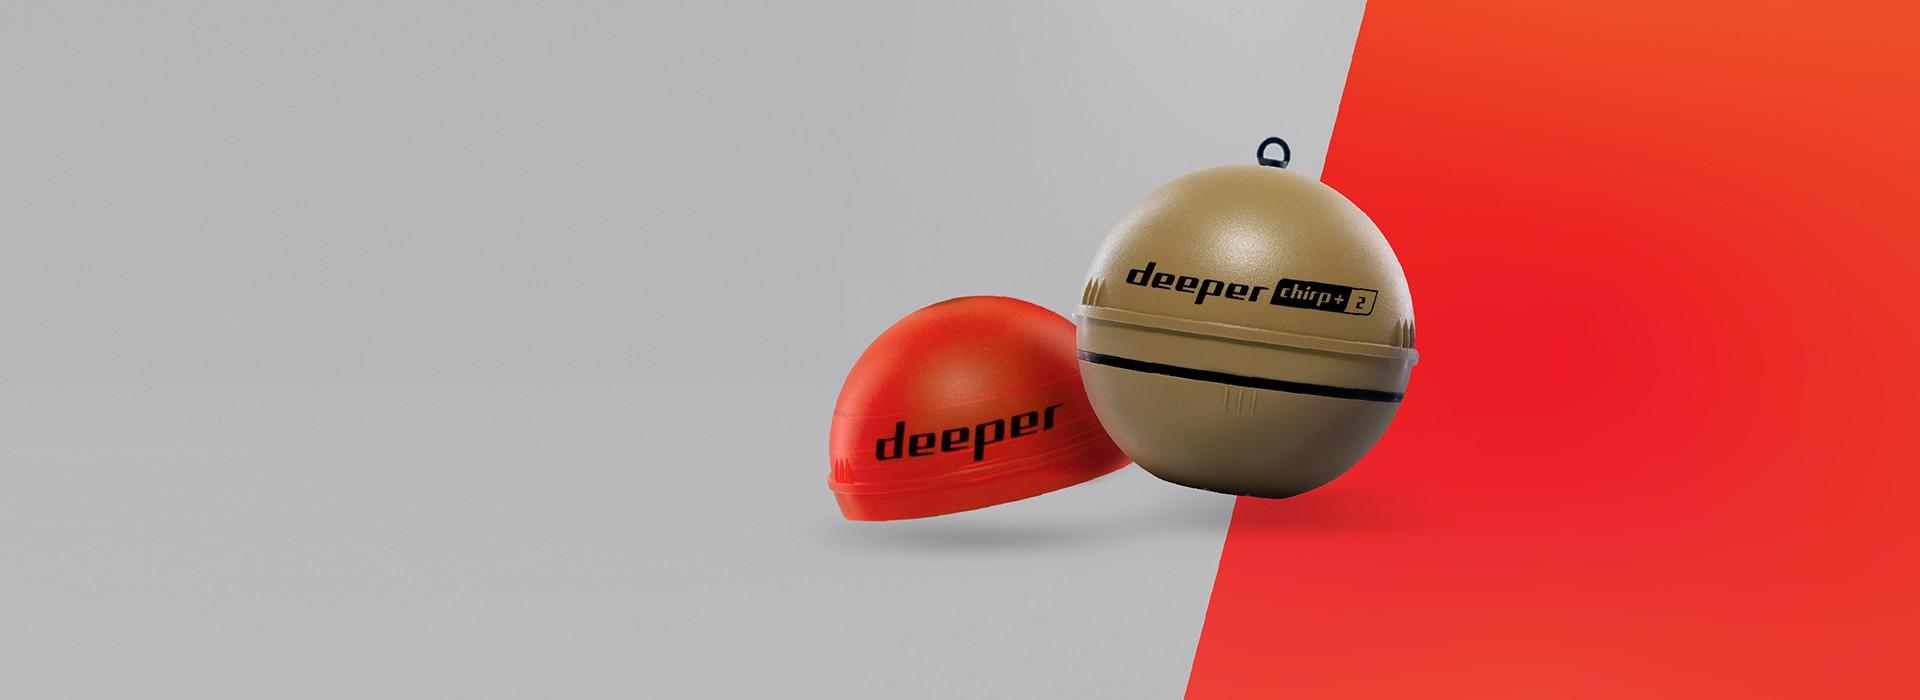 Découvrez le nouveau Deeper CHIRP+2! Le sondeur le plus puissant jamais conçu. Jusqu'à maintenant.